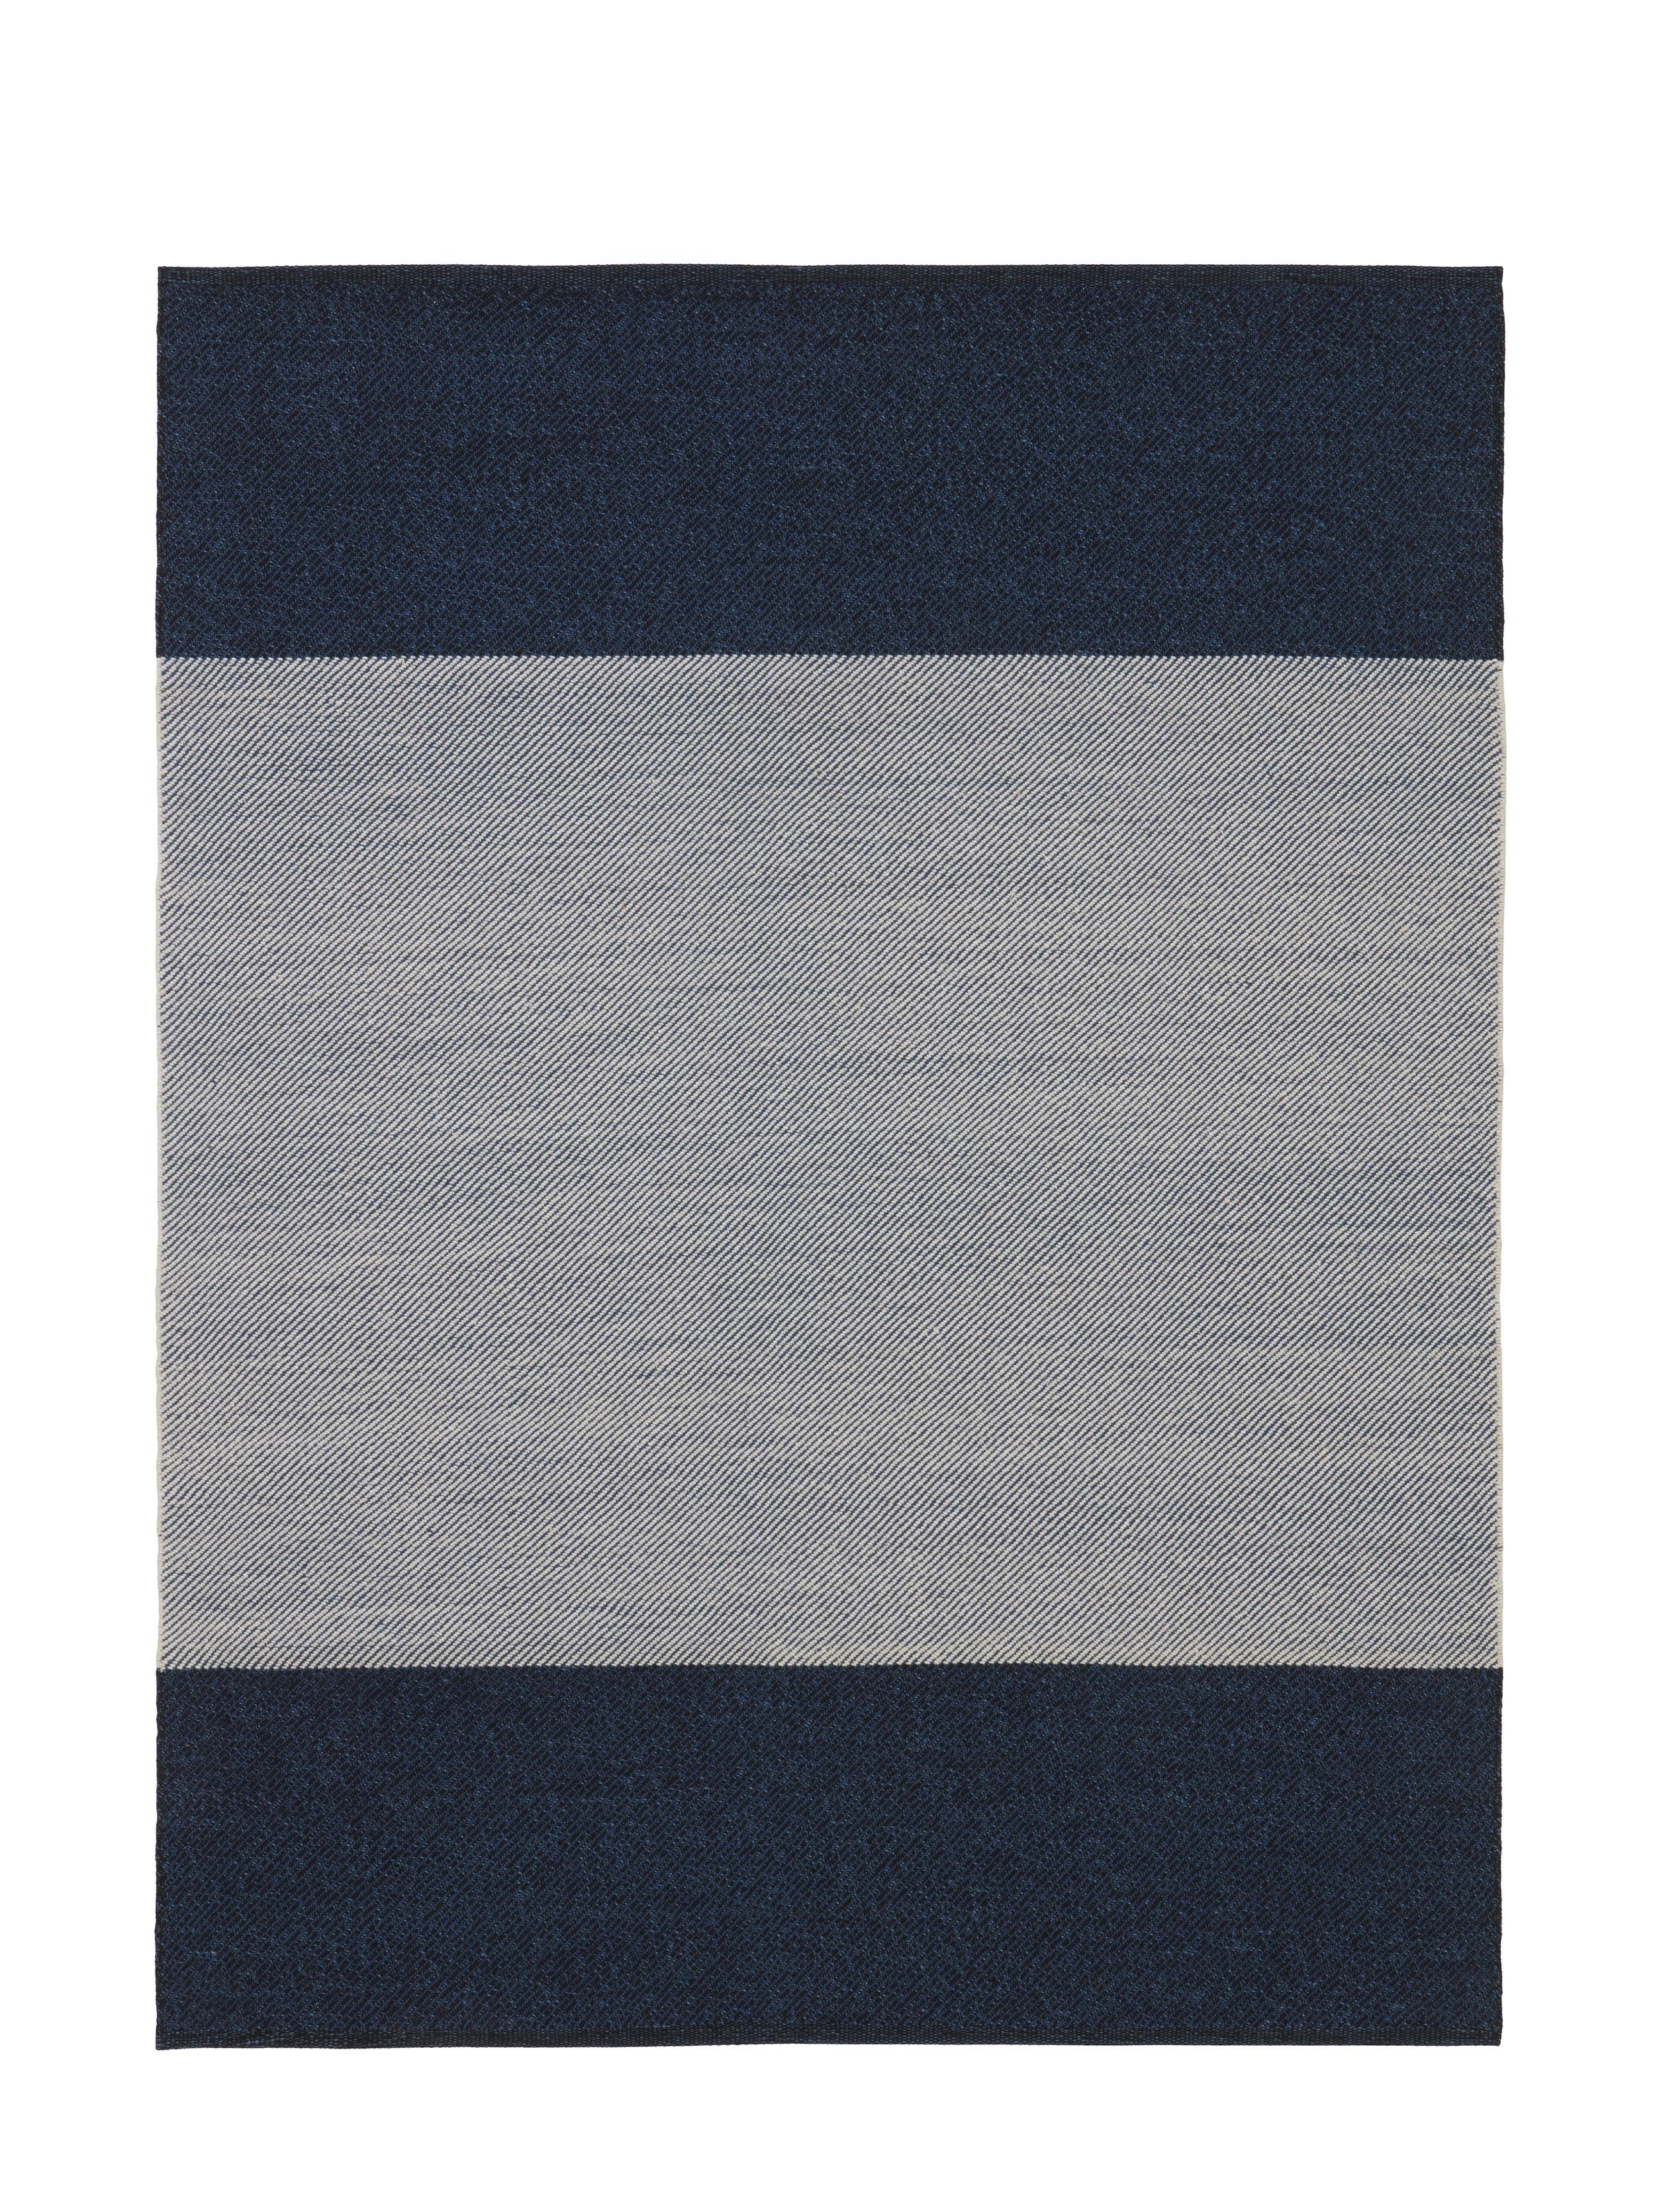 Primula 2911 Midnight Blue/Off White